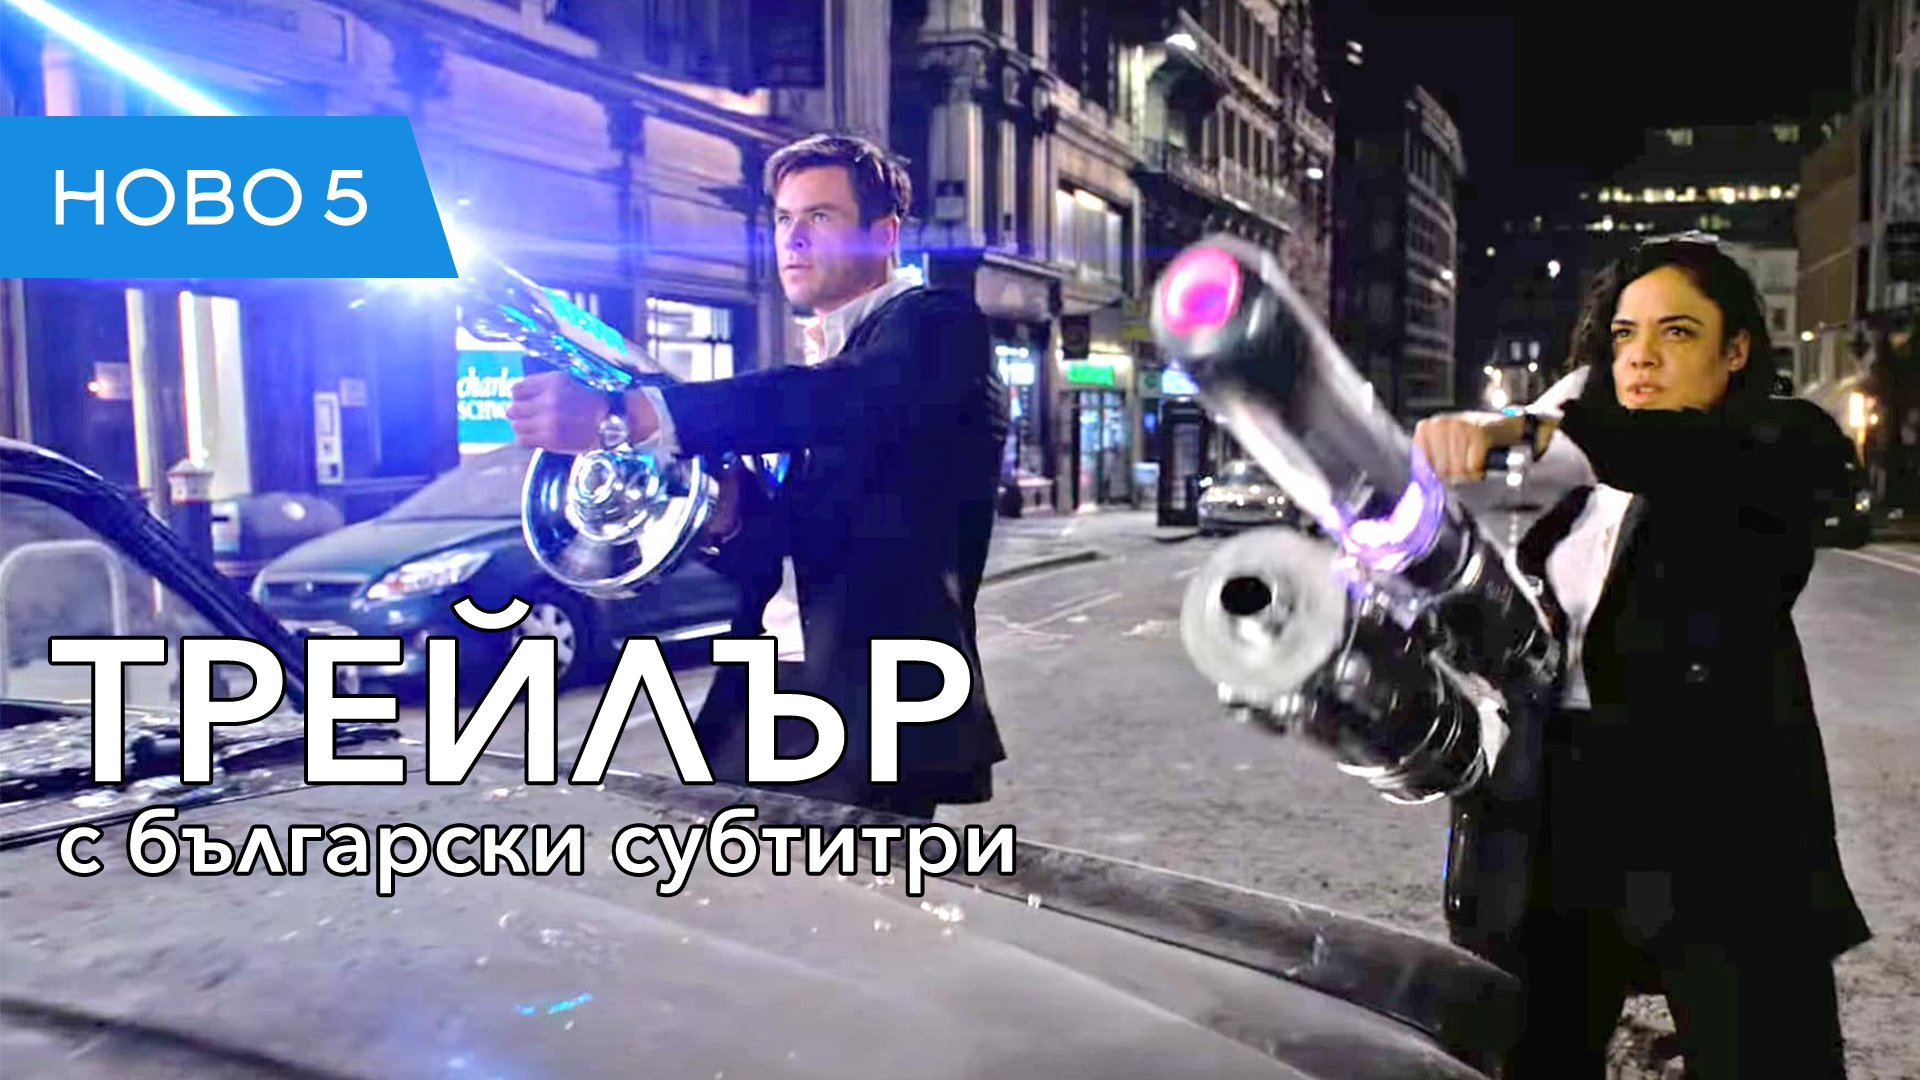 Мъже в черно: Глобална заплаха (2019) втори трейлър с български субтитри